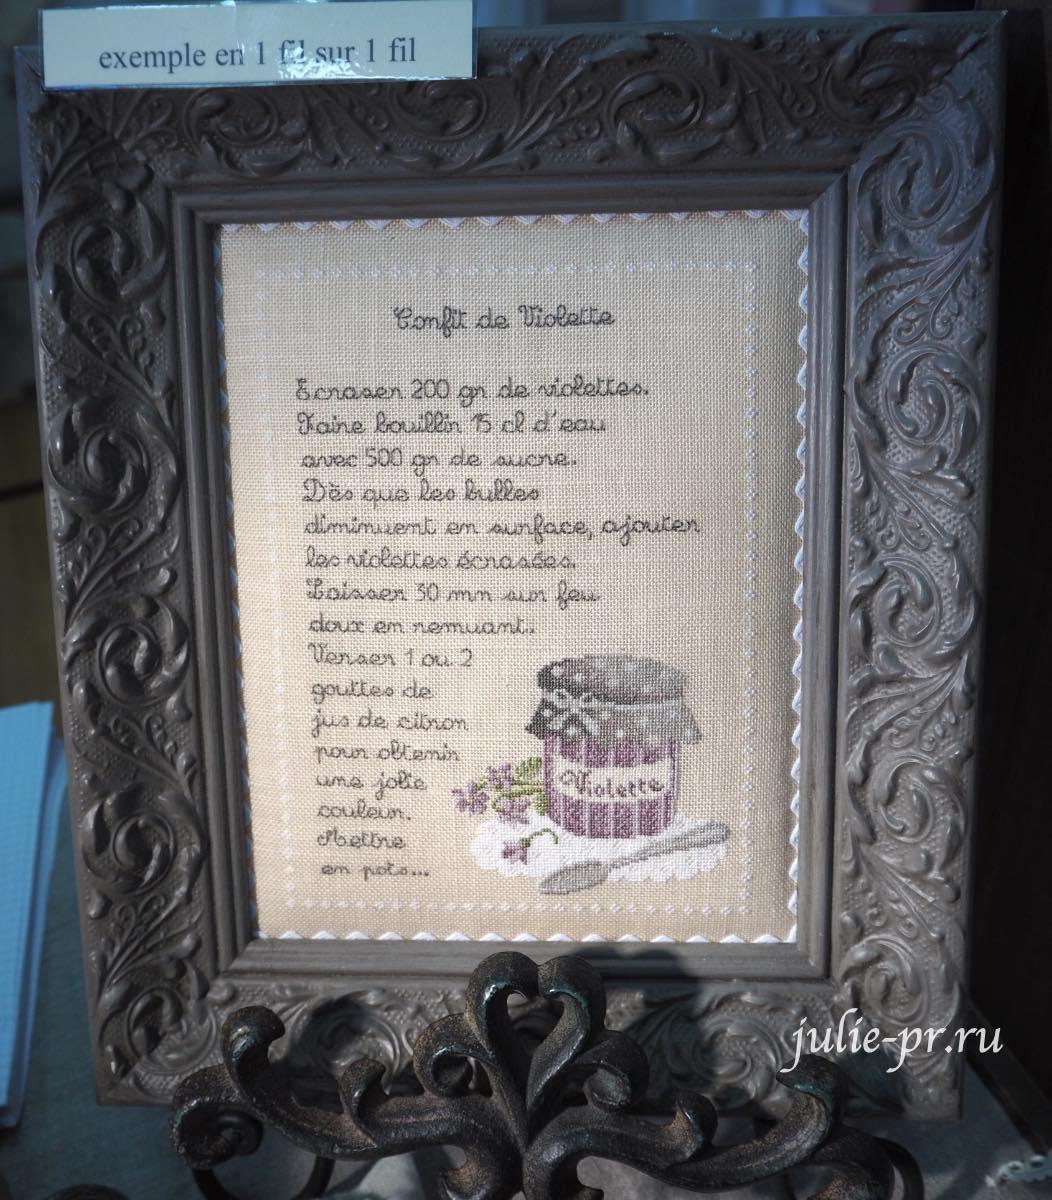 Le lin d'Isabelle - Recette du confit de violette, вышивка крестом, Création autour du fil